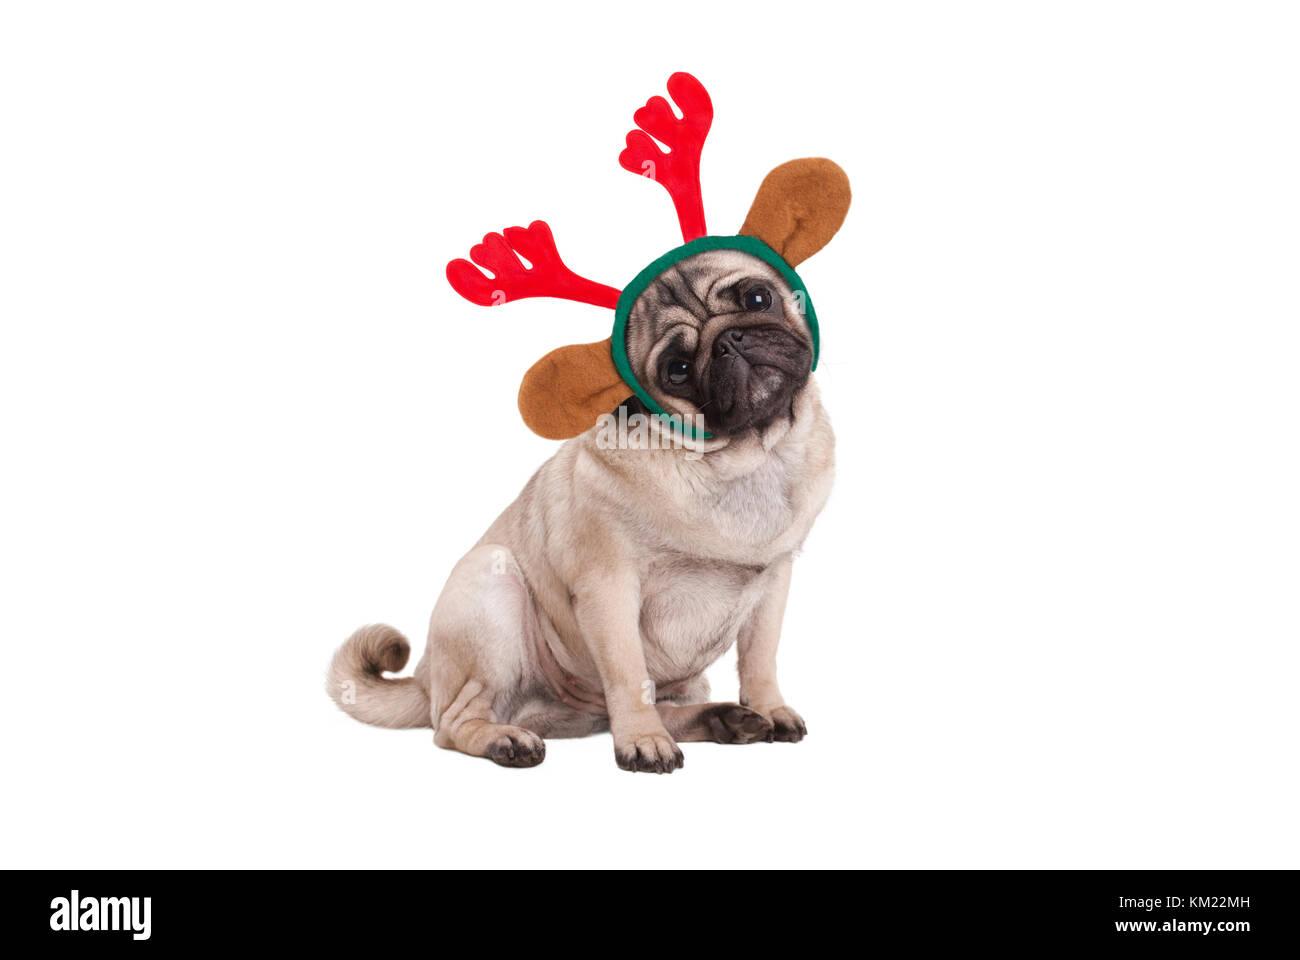 Mops Bilder Weihnachten.Lustige Weihnachten Mops Welpe Hund Sitzend Das Tragen Von Rentier